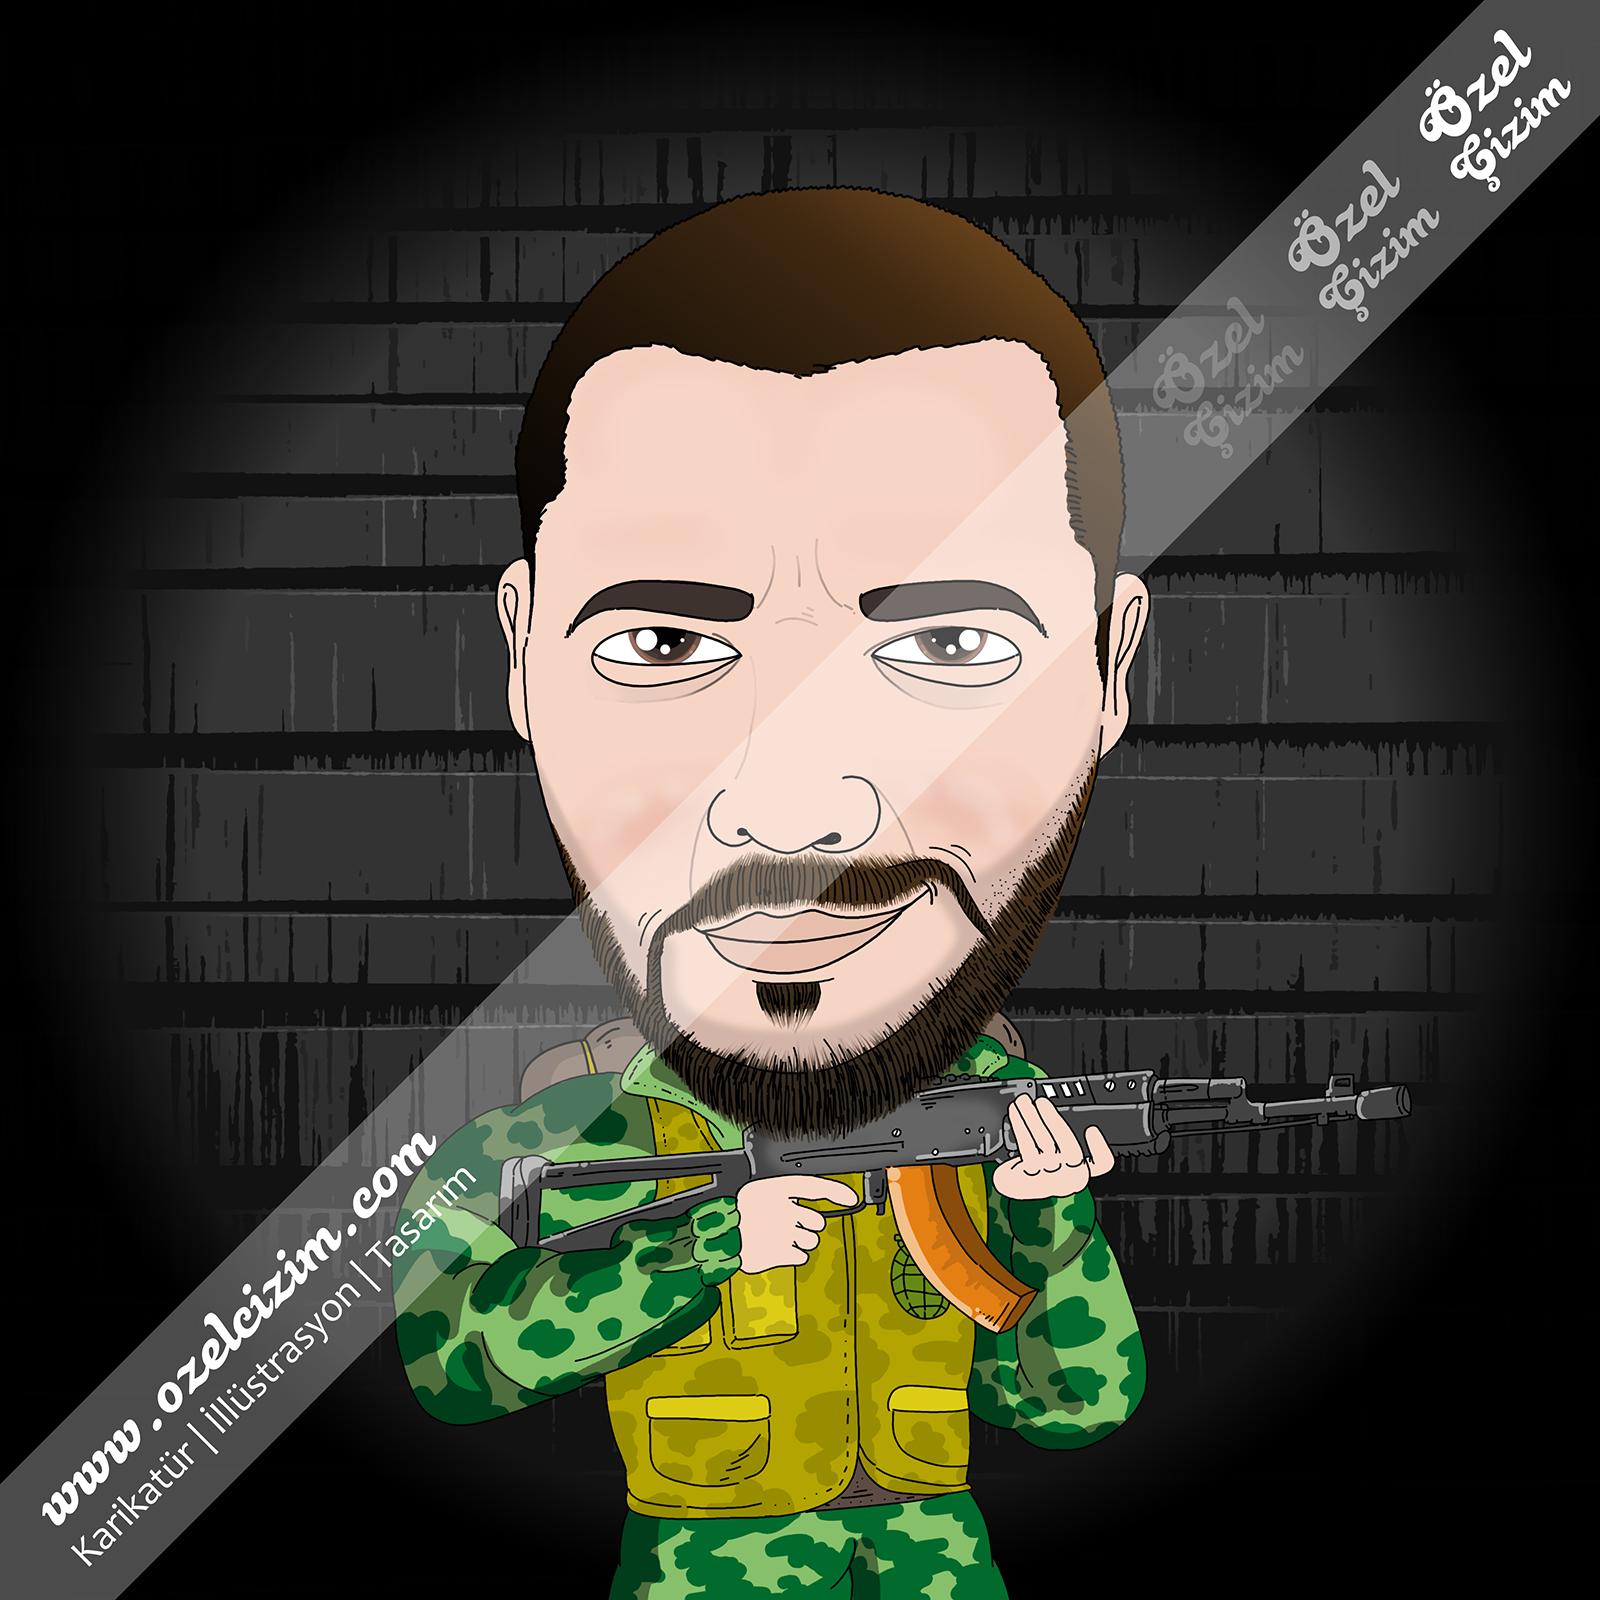 asker hediyesi, askere hediye, sevgiliye hediye, karikatür, komik hediye, steam profil, özel profil fotoğrafı, asker karikatür, cs go karikatür, asker sevgiliye hediye, karikatür portre, Özel Çizim,